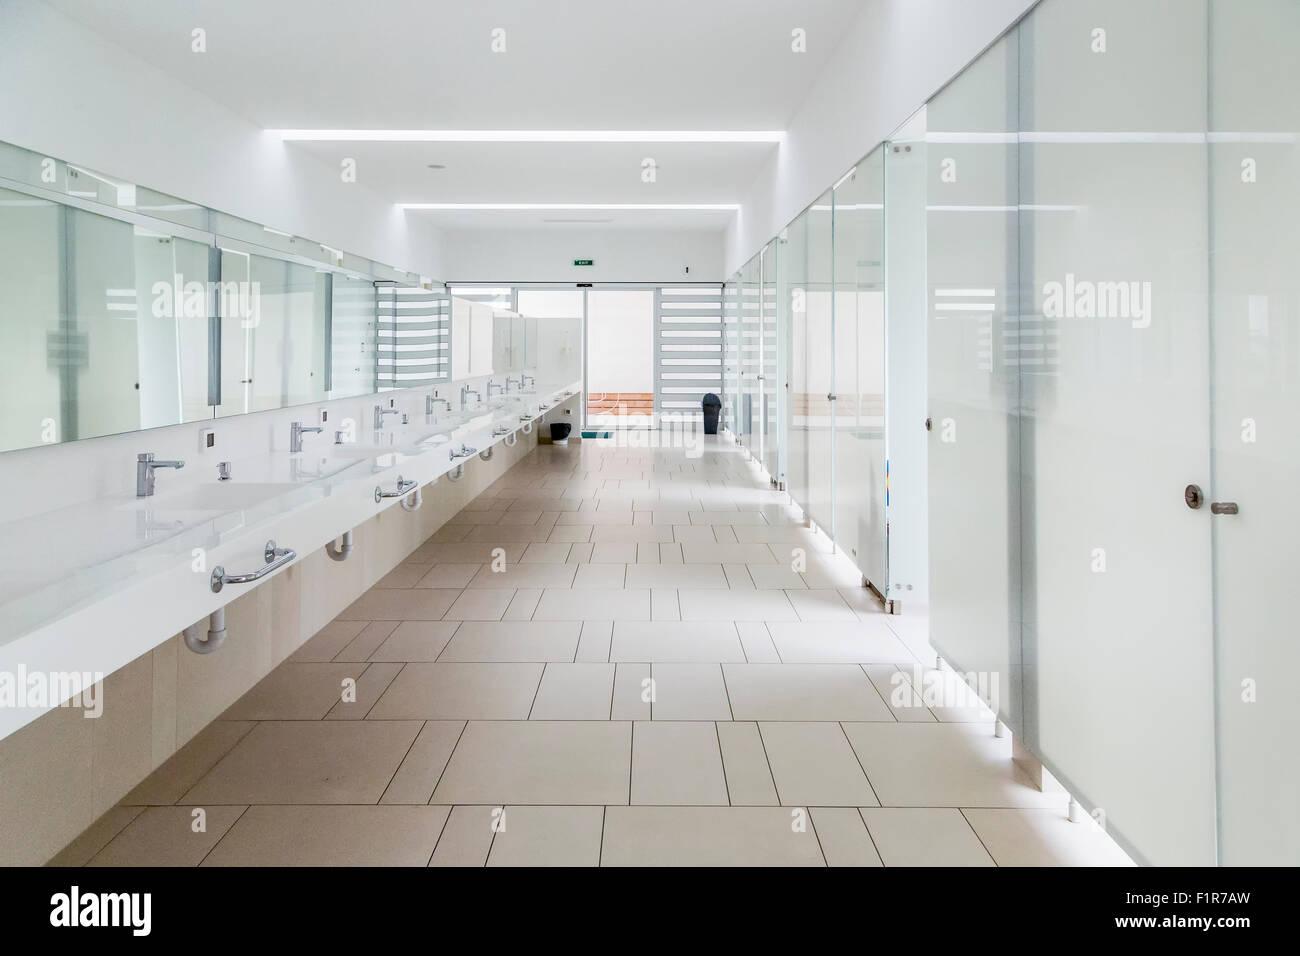 Modernes Badezimmer Interieur aus Marmor mit Dusche aus Glas Tür und ...